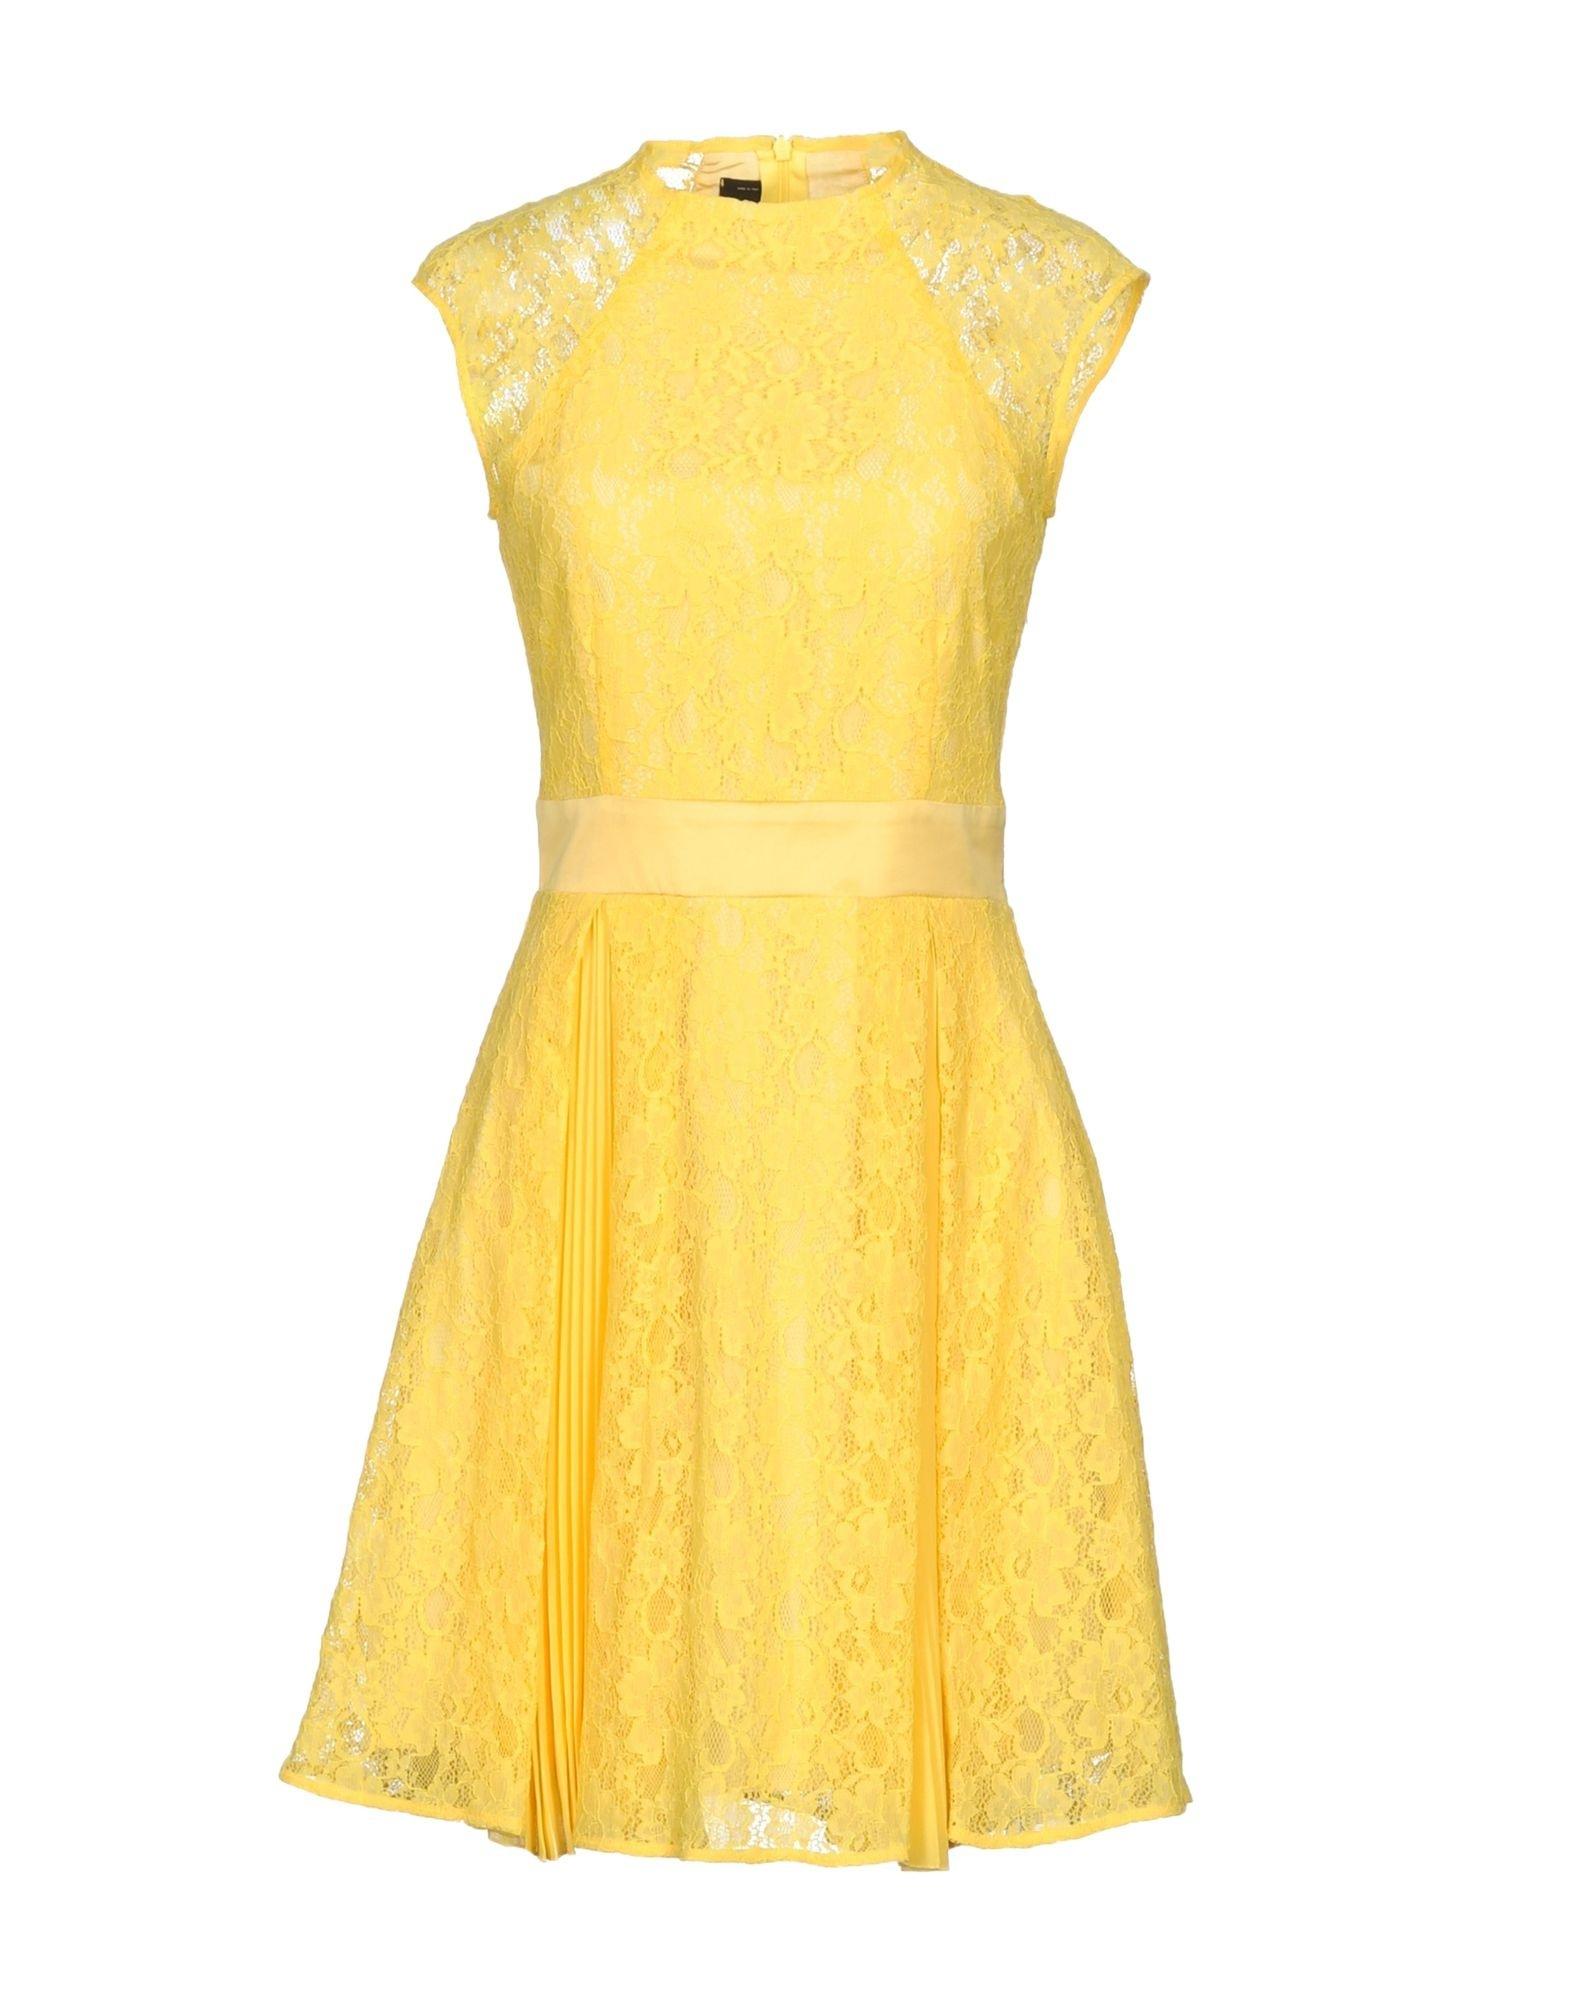 Leicht Kleid Gelb Spitze Galerie20 Großartig Kleid Gelb Spitze Design